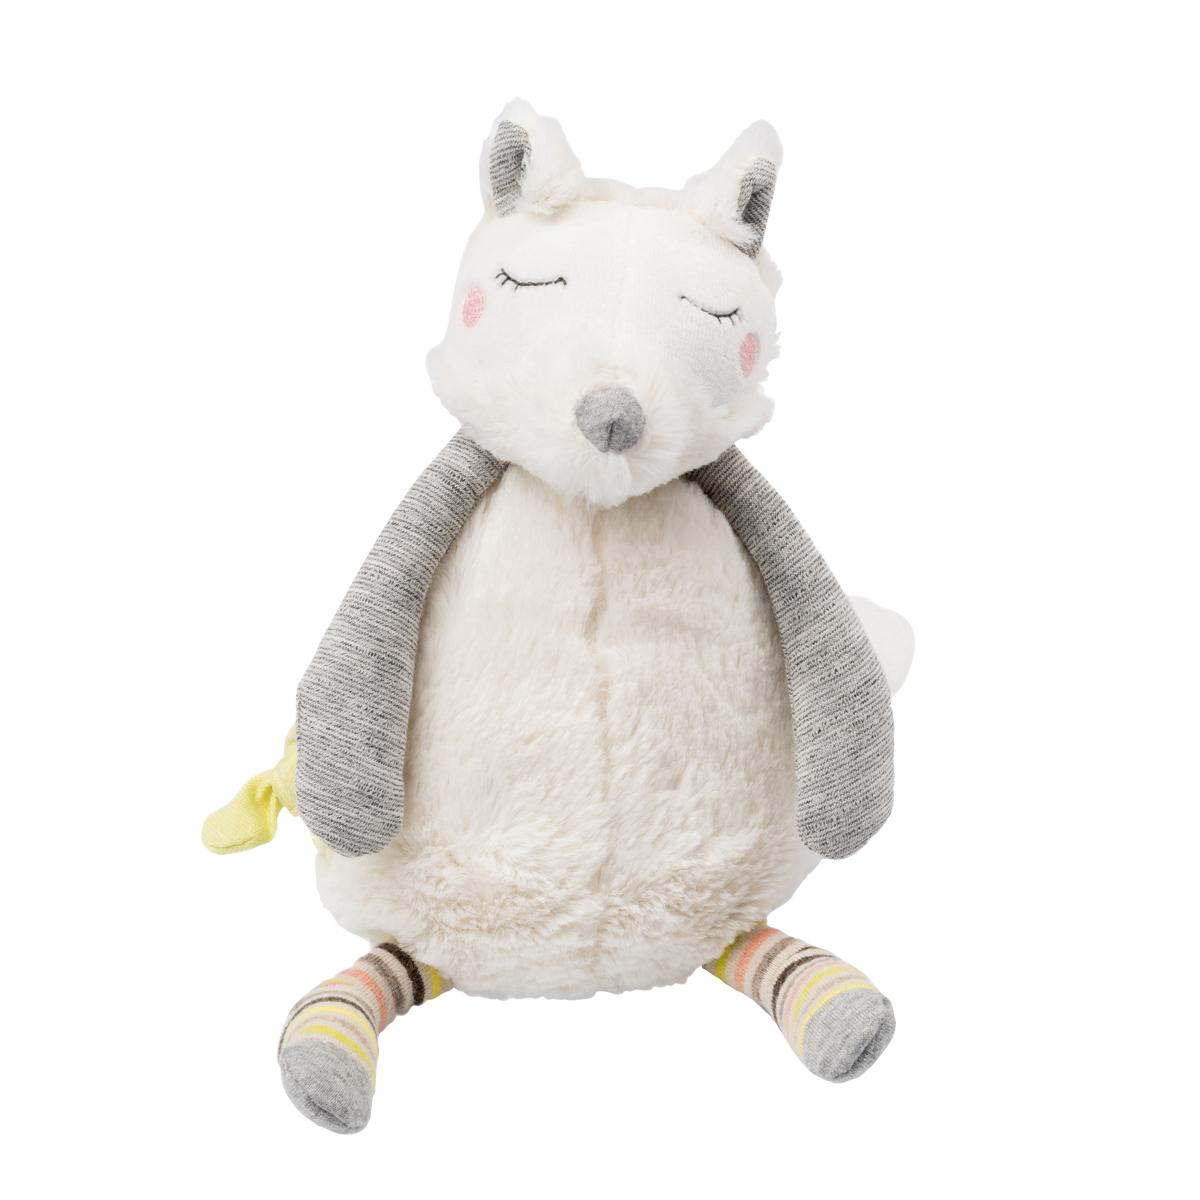 「プティ・ドゥードゥー」犬のふわふわオルゴール